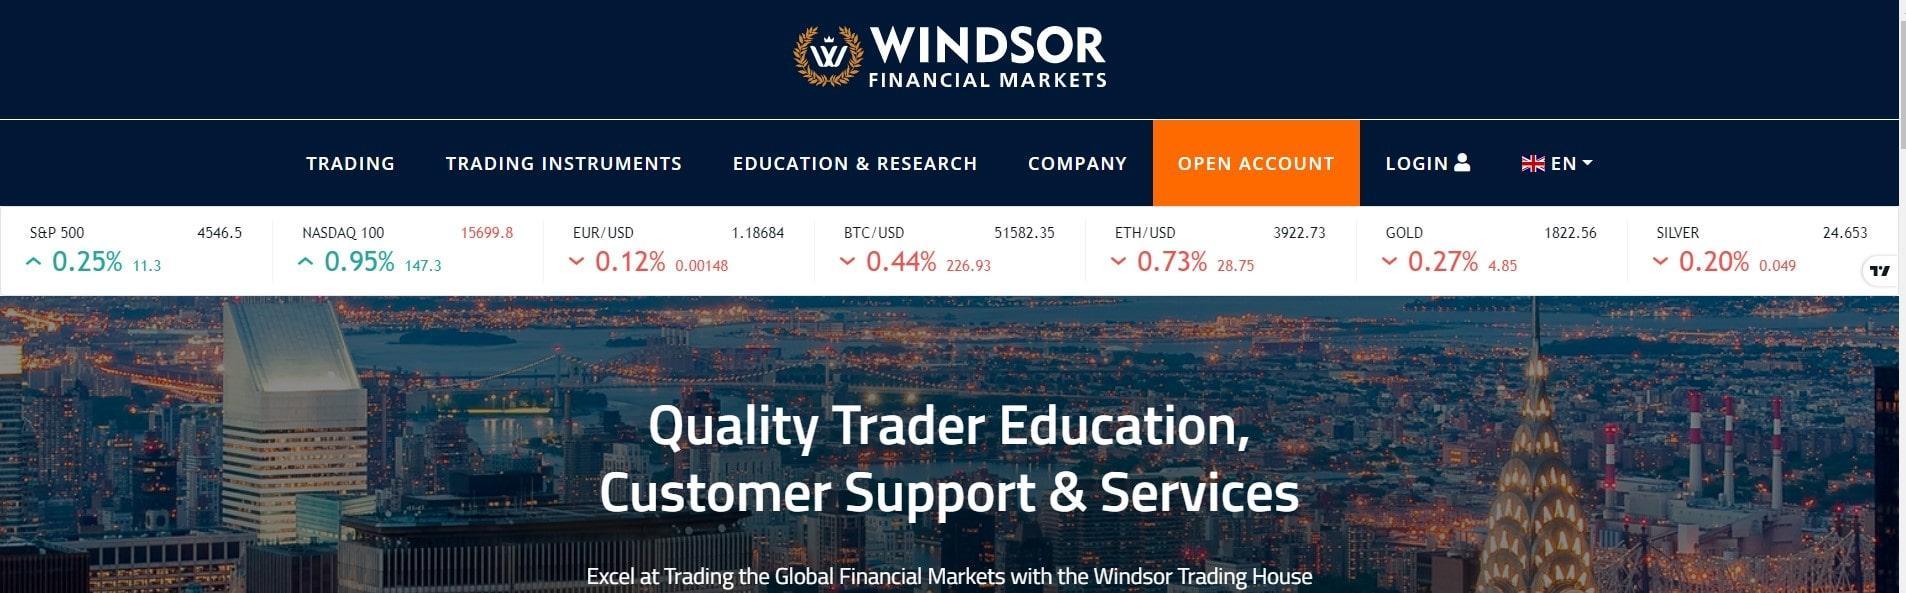 Отзывы о Windsor: первый шаг к финансовой независимости или очередной аферист? – Обман? реальные отзывы